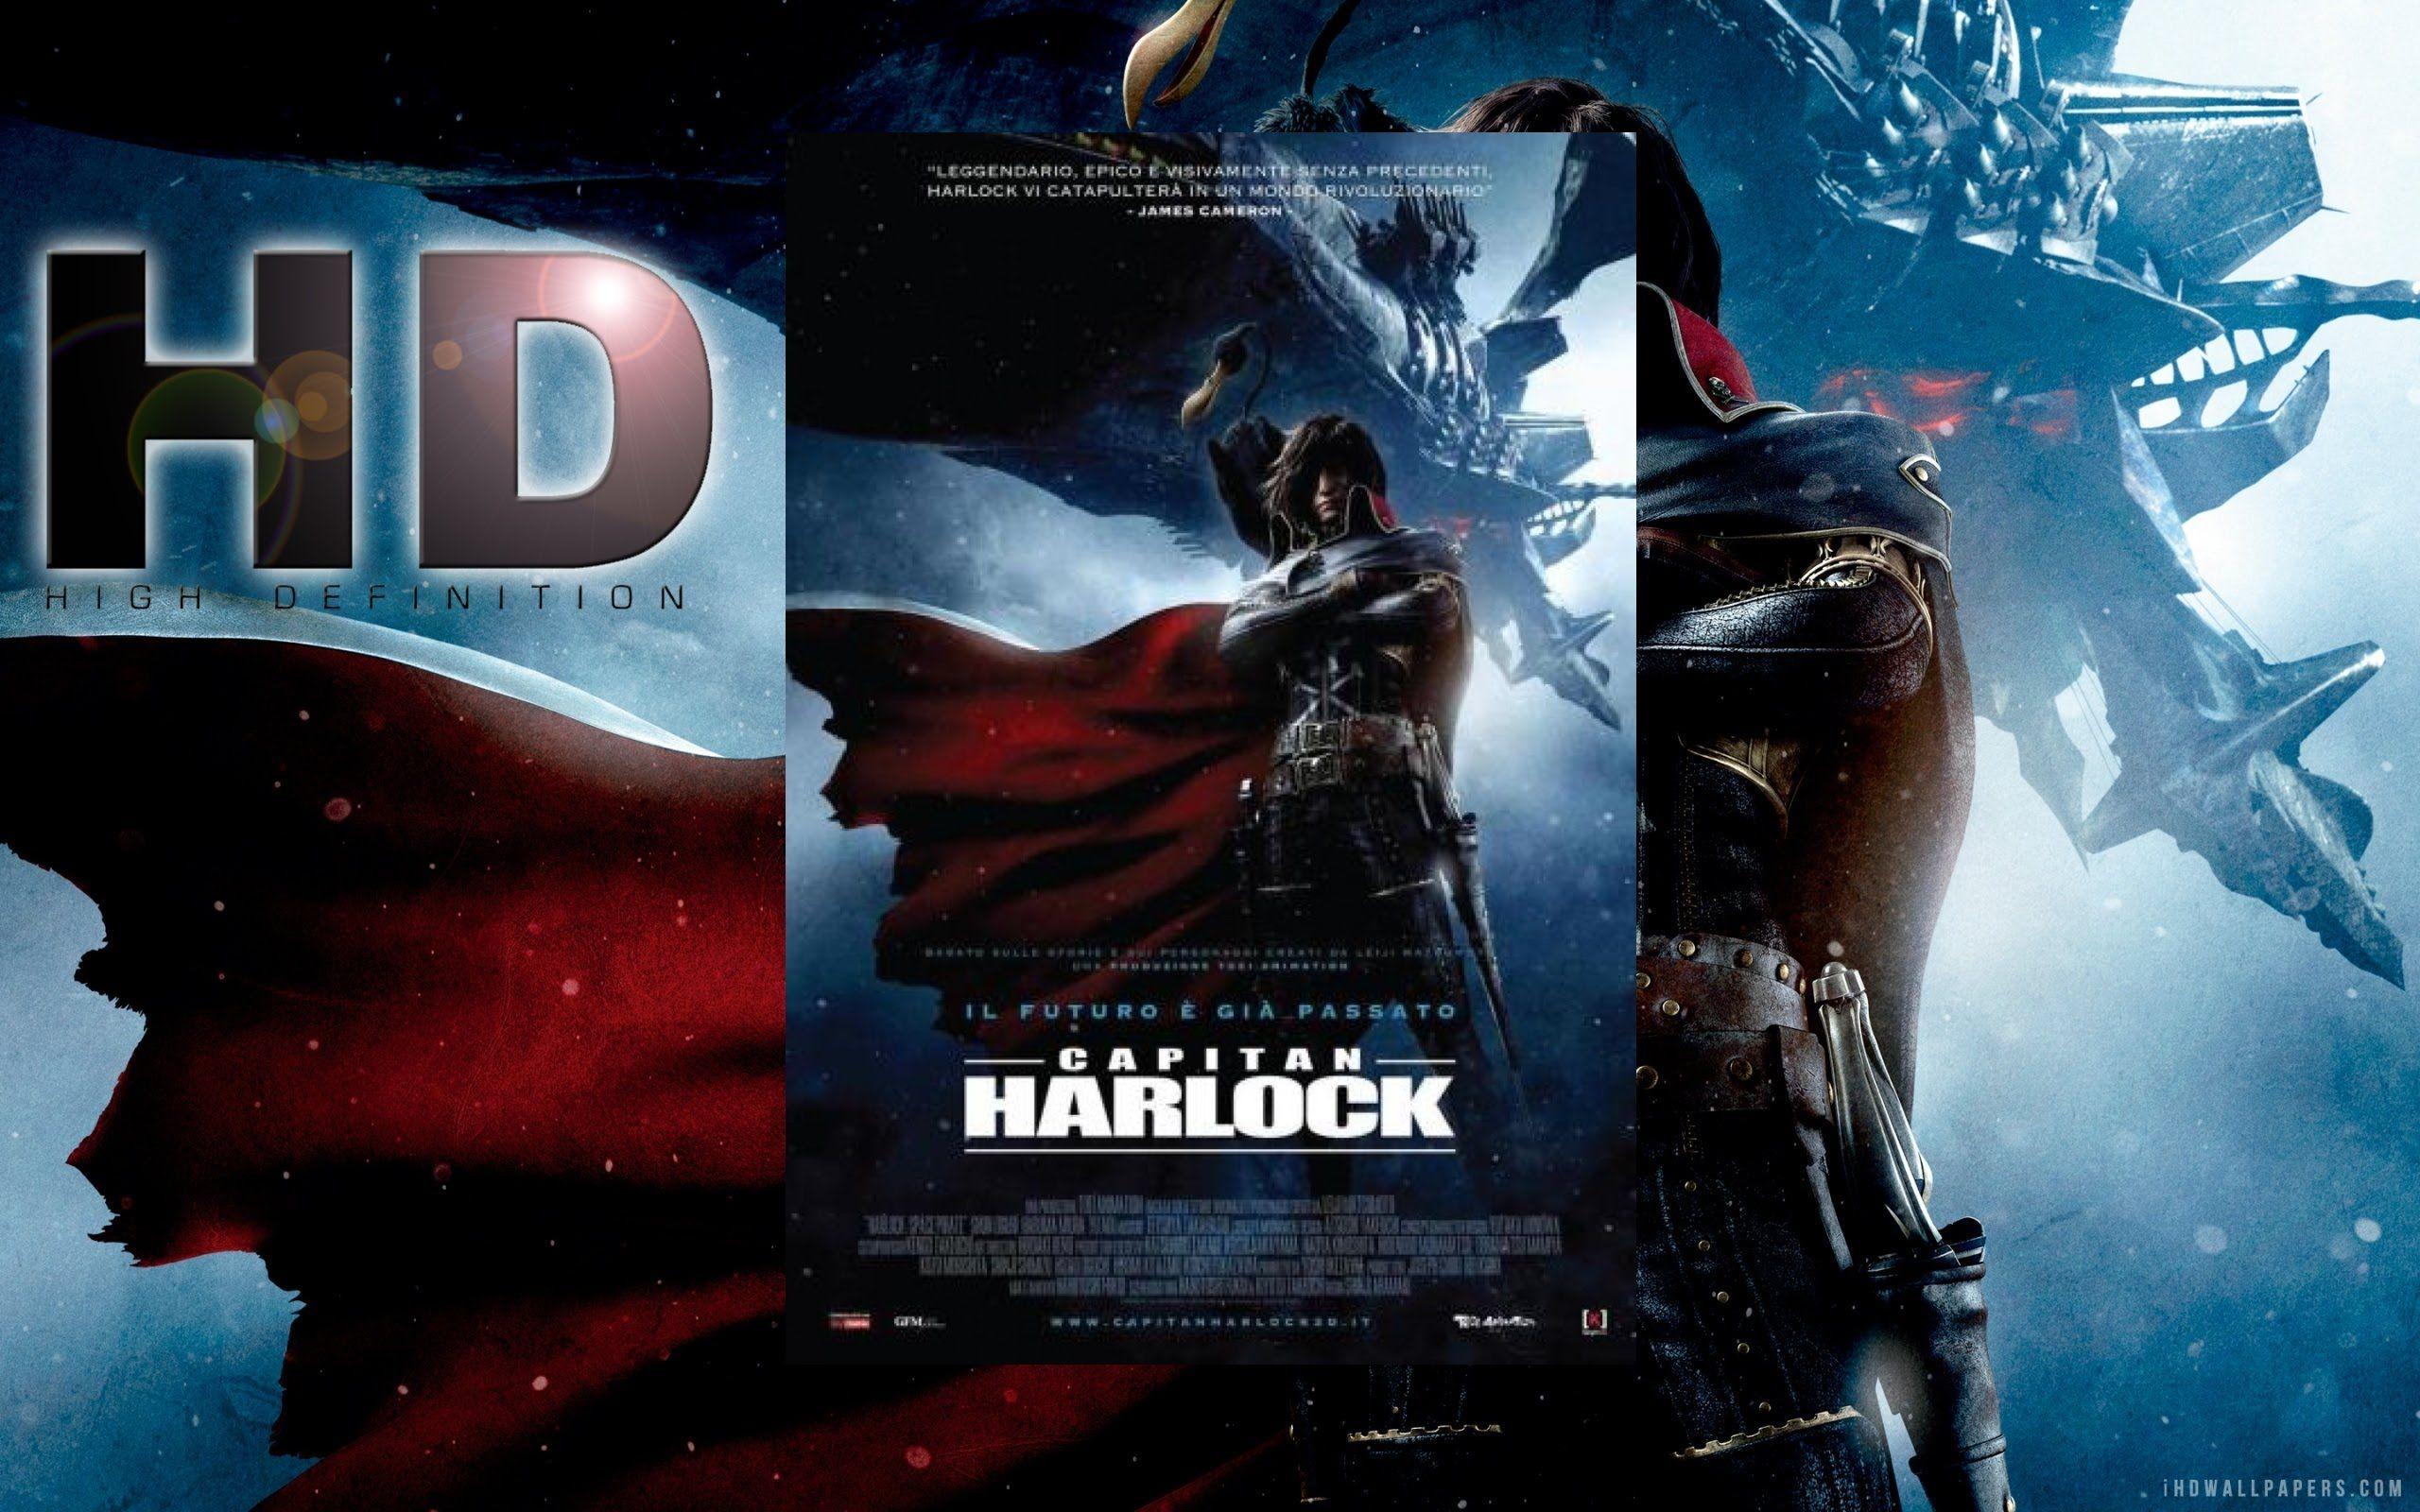 Assistir Filme Completo E Dublado Em Hd720p Capitao Harlock